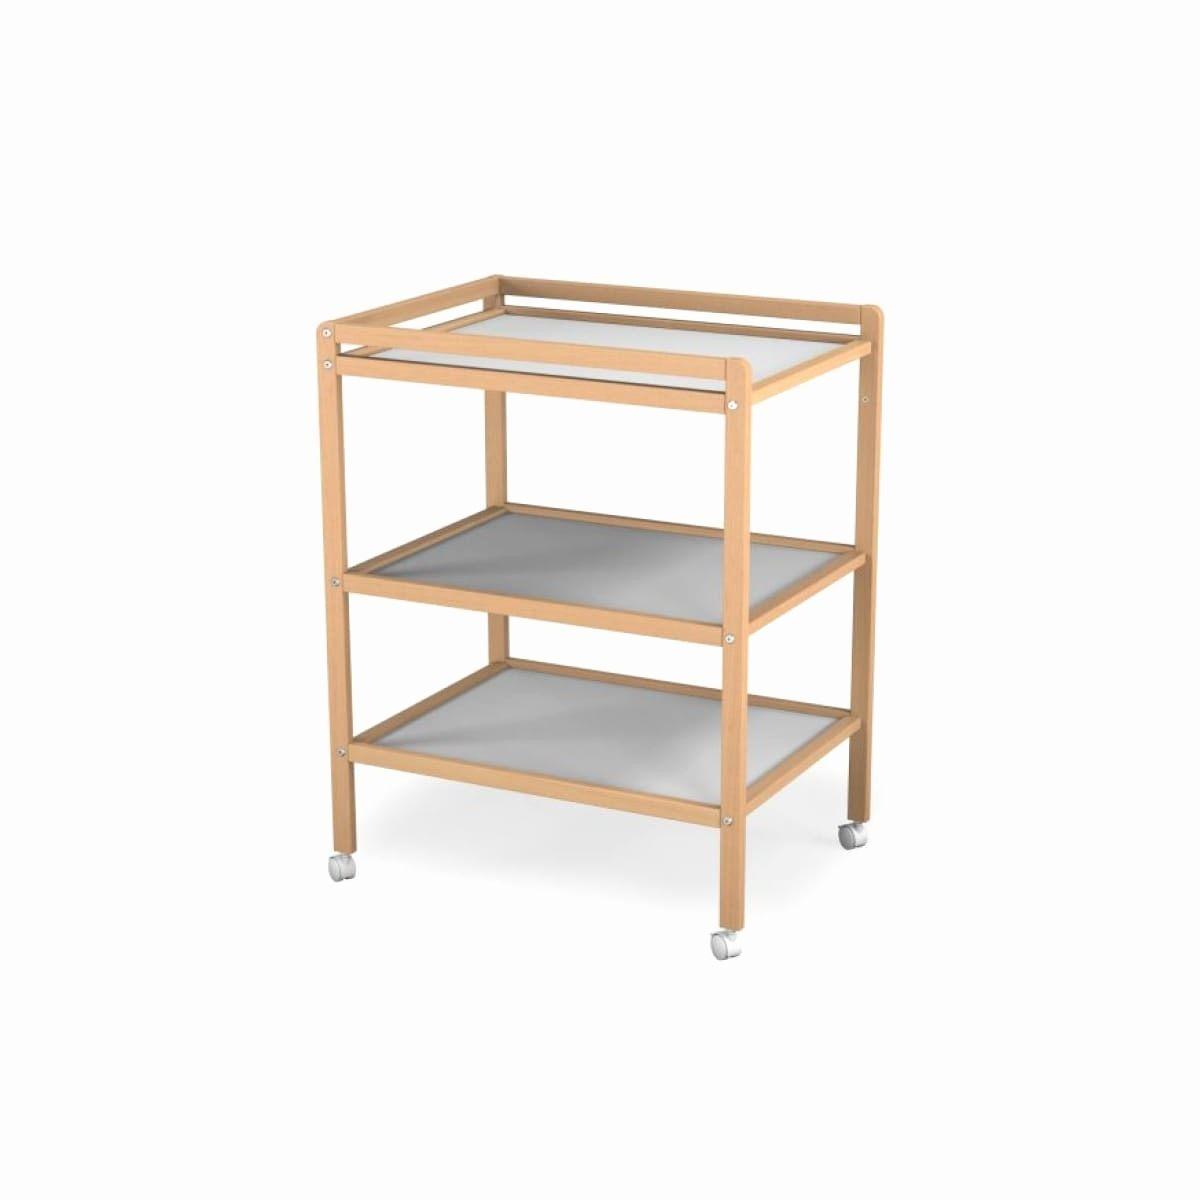 Lit Pliable 2 Places Le Luxe Table De Lit Ikea élégant Ikea Stuva Table Langer Good Great Perfect